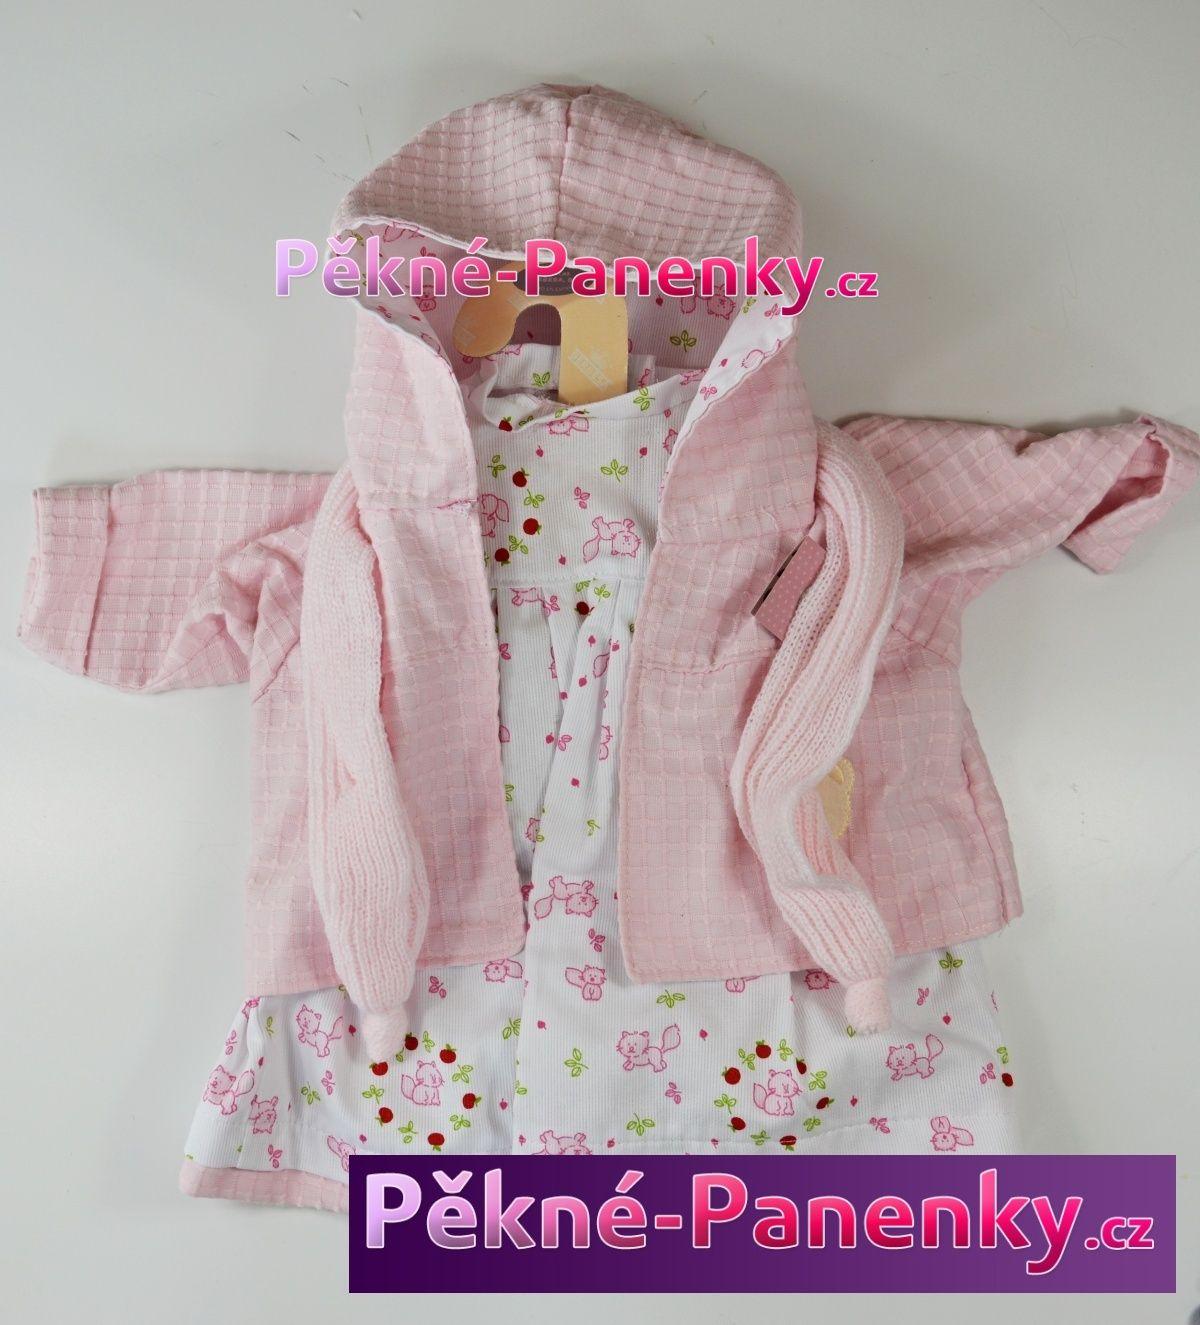 Berbesa levné oblečky, kvalitní oblečení pro panenky, háčkované šatičky pro panenku, pletené oblečky na oblékání, hračky pro holčičky